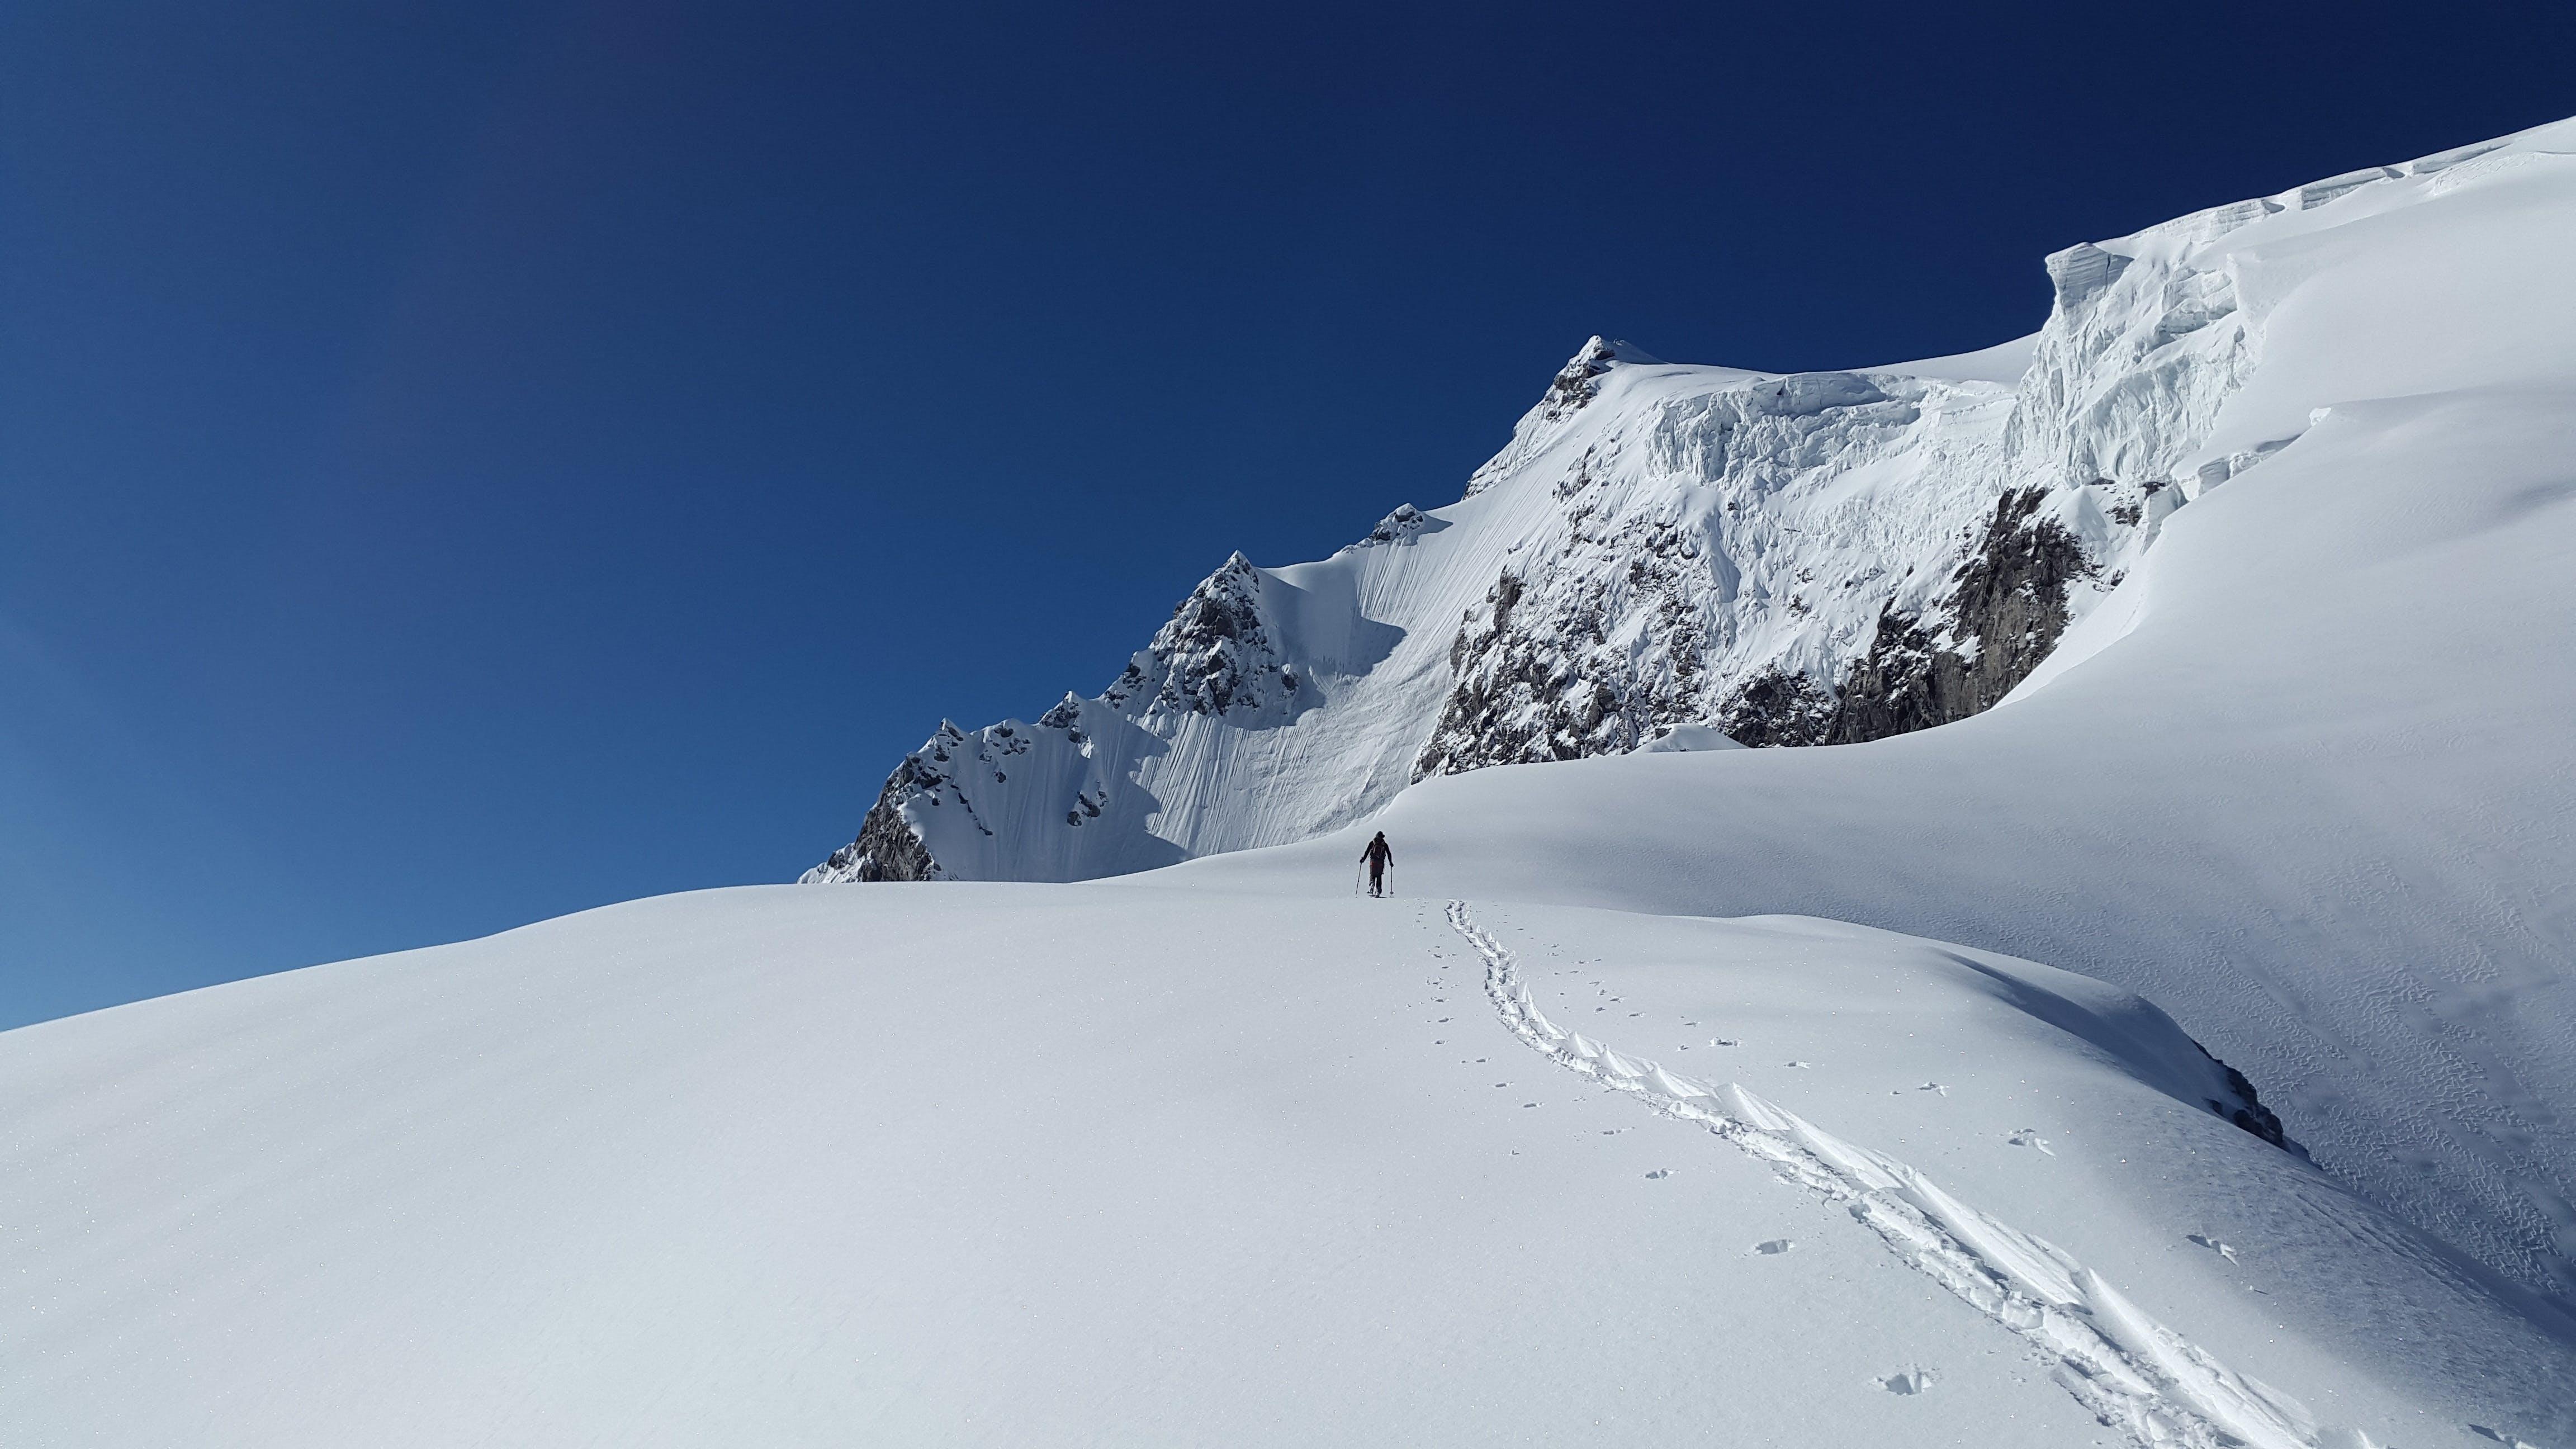 Man Walking in White Mountain Snow during Daytime